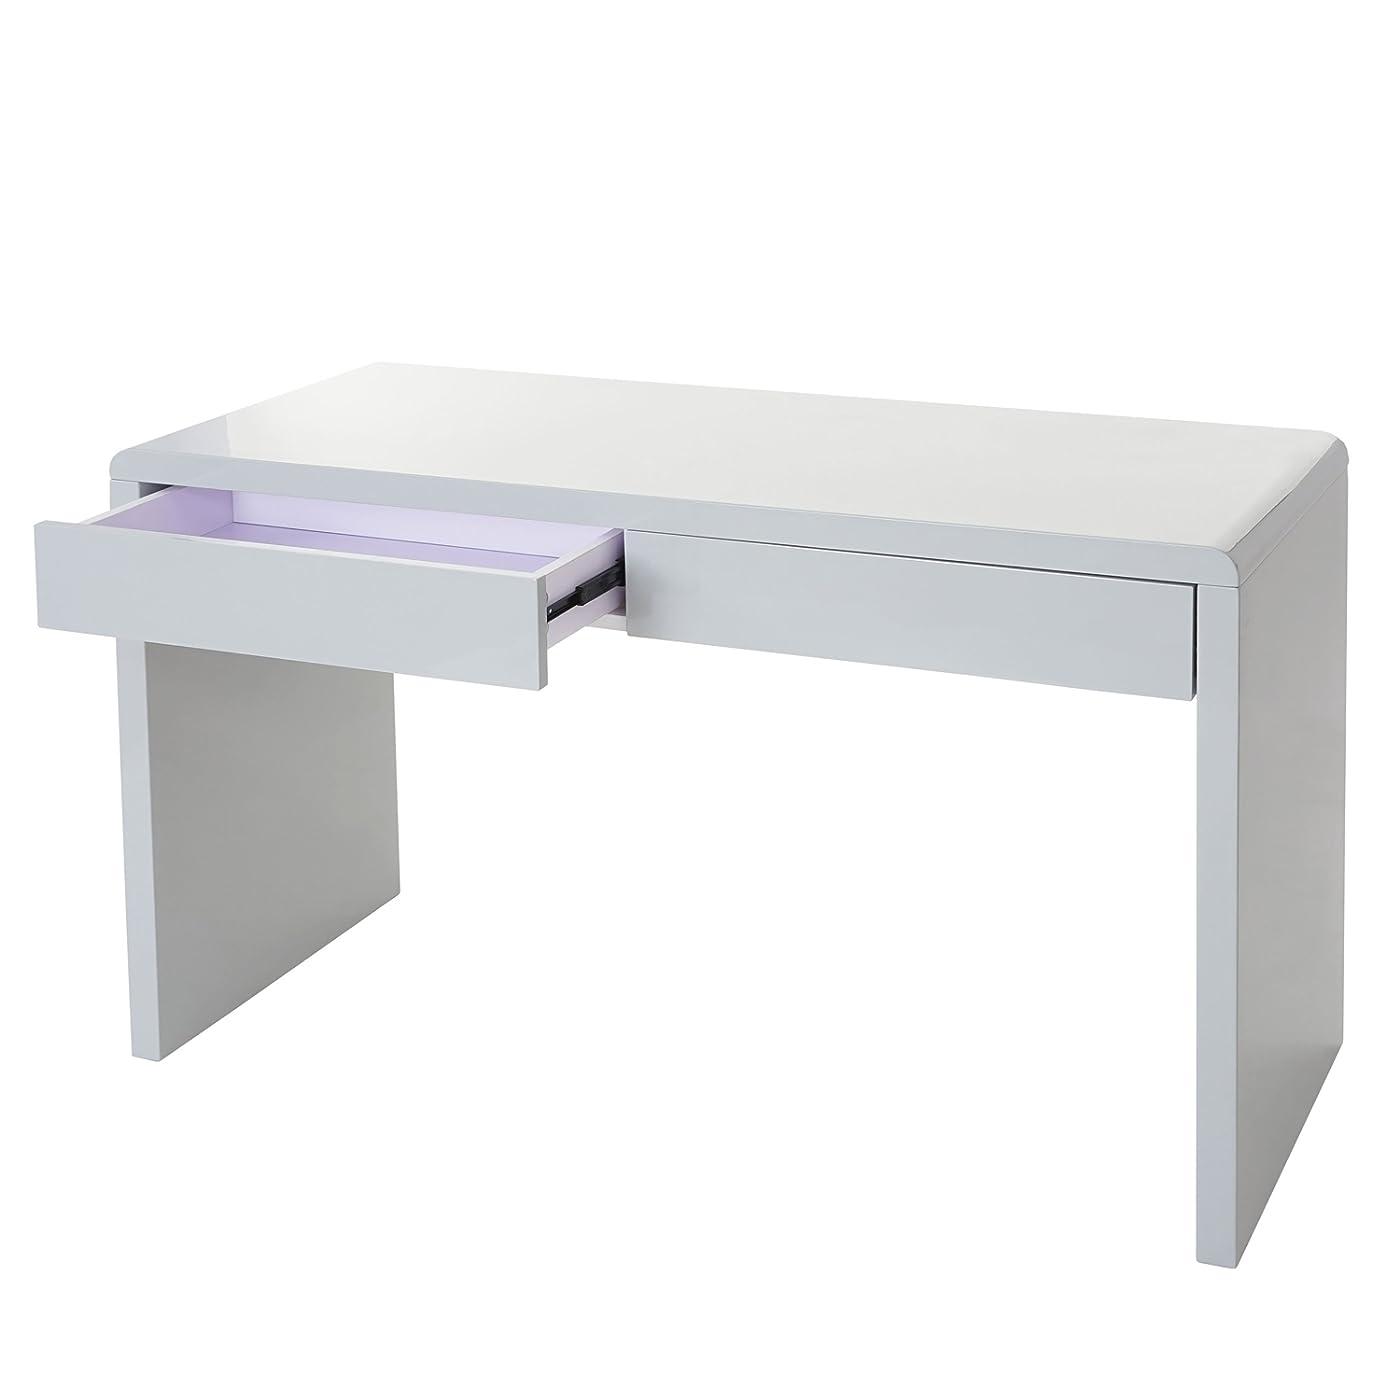 Design schreibtisch edmonton b rotisch computertisch for Schreibtisch hochglanz grau